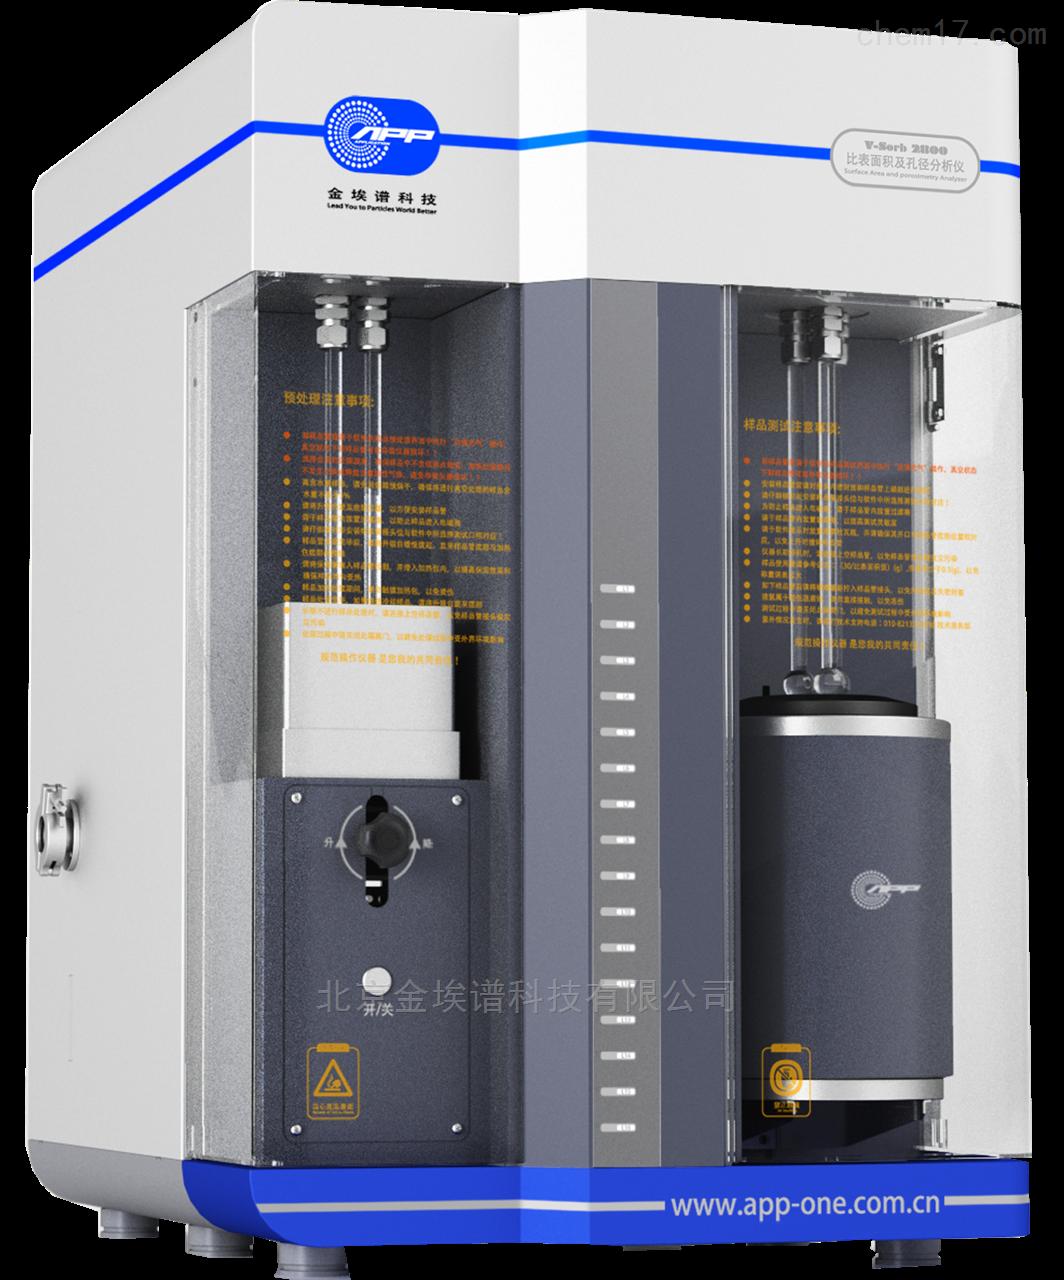 全自动比表面及介孔分布检测仪 静态容量法